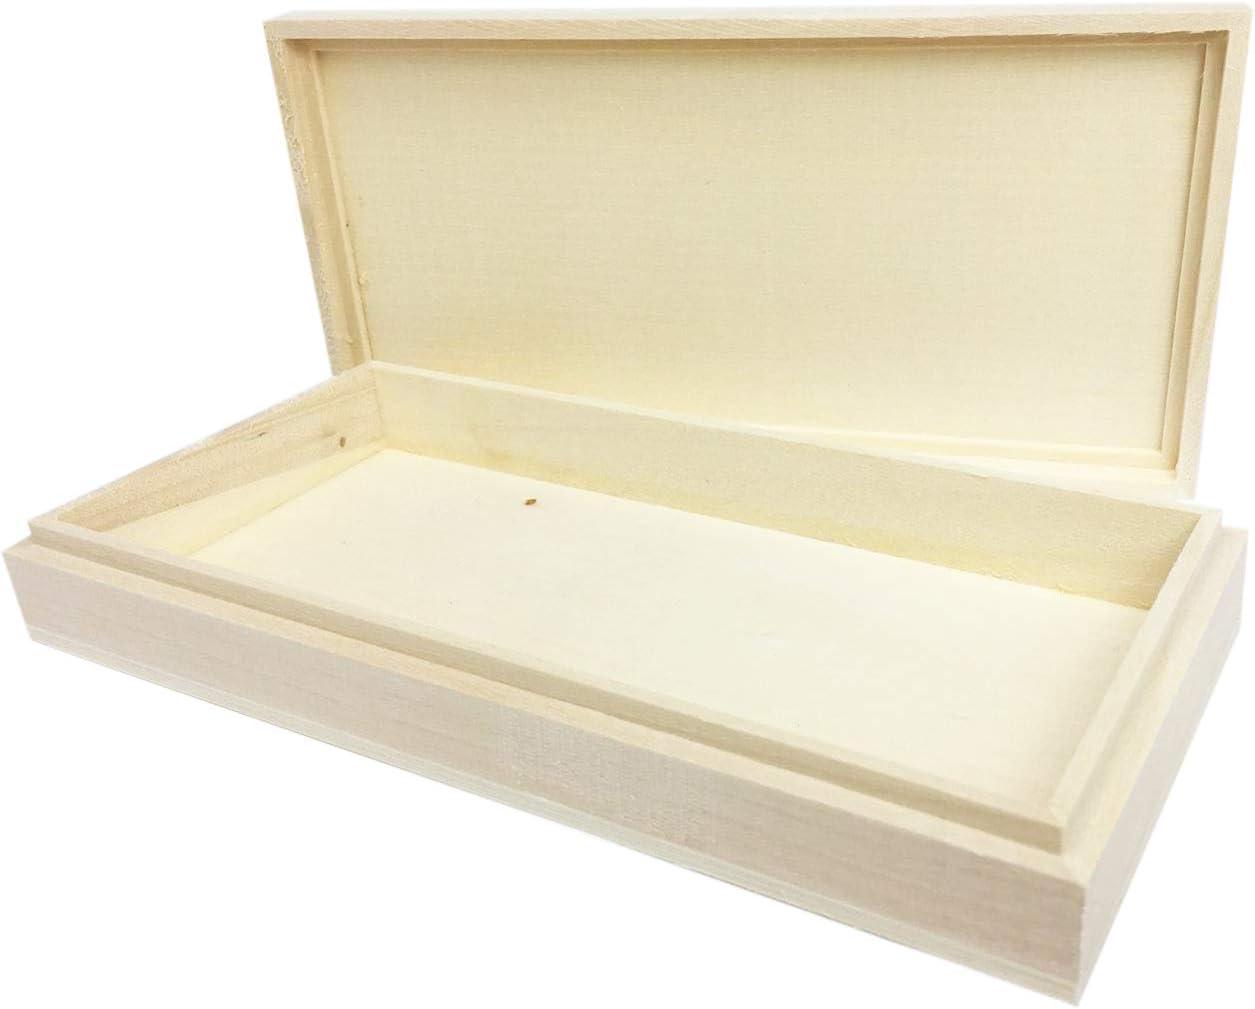 Caja de Madera para hacer turrones caseros y tabletas de chocolate. Medidas 20x10x3cm. Molde para barras de turrón o chocolate tradicionales. Hazlo tu ...